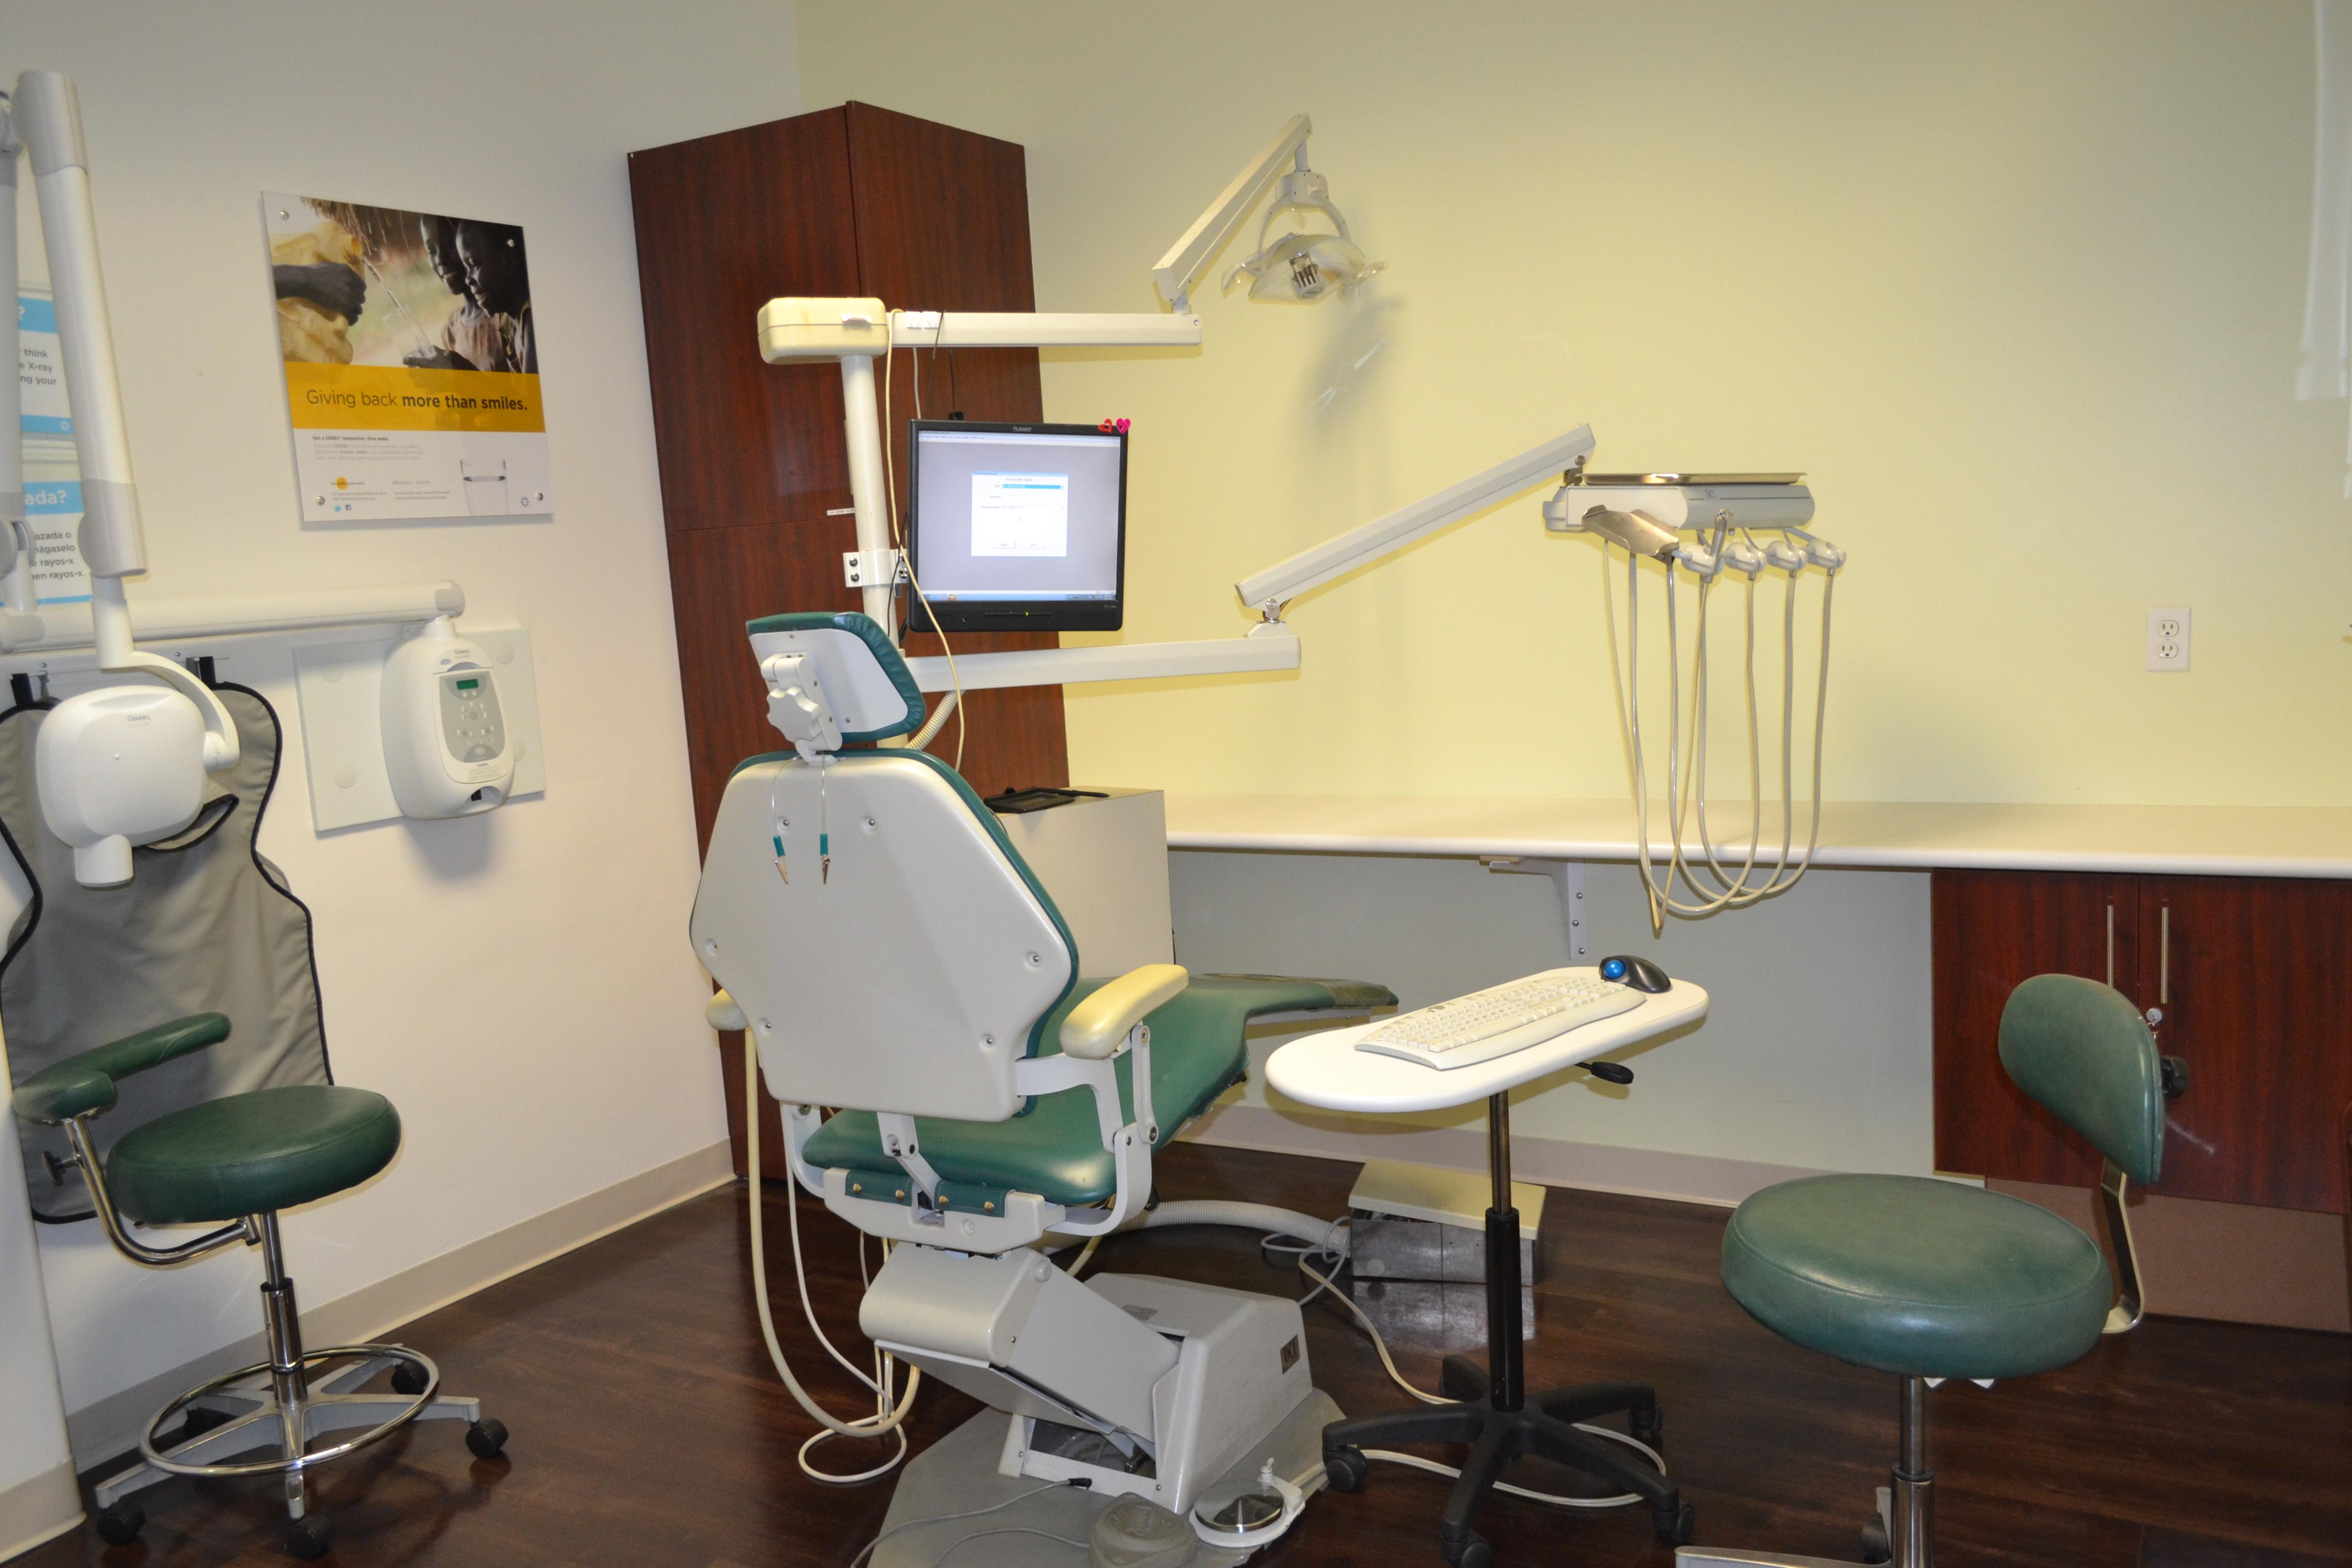 Vista Dental Group image 5